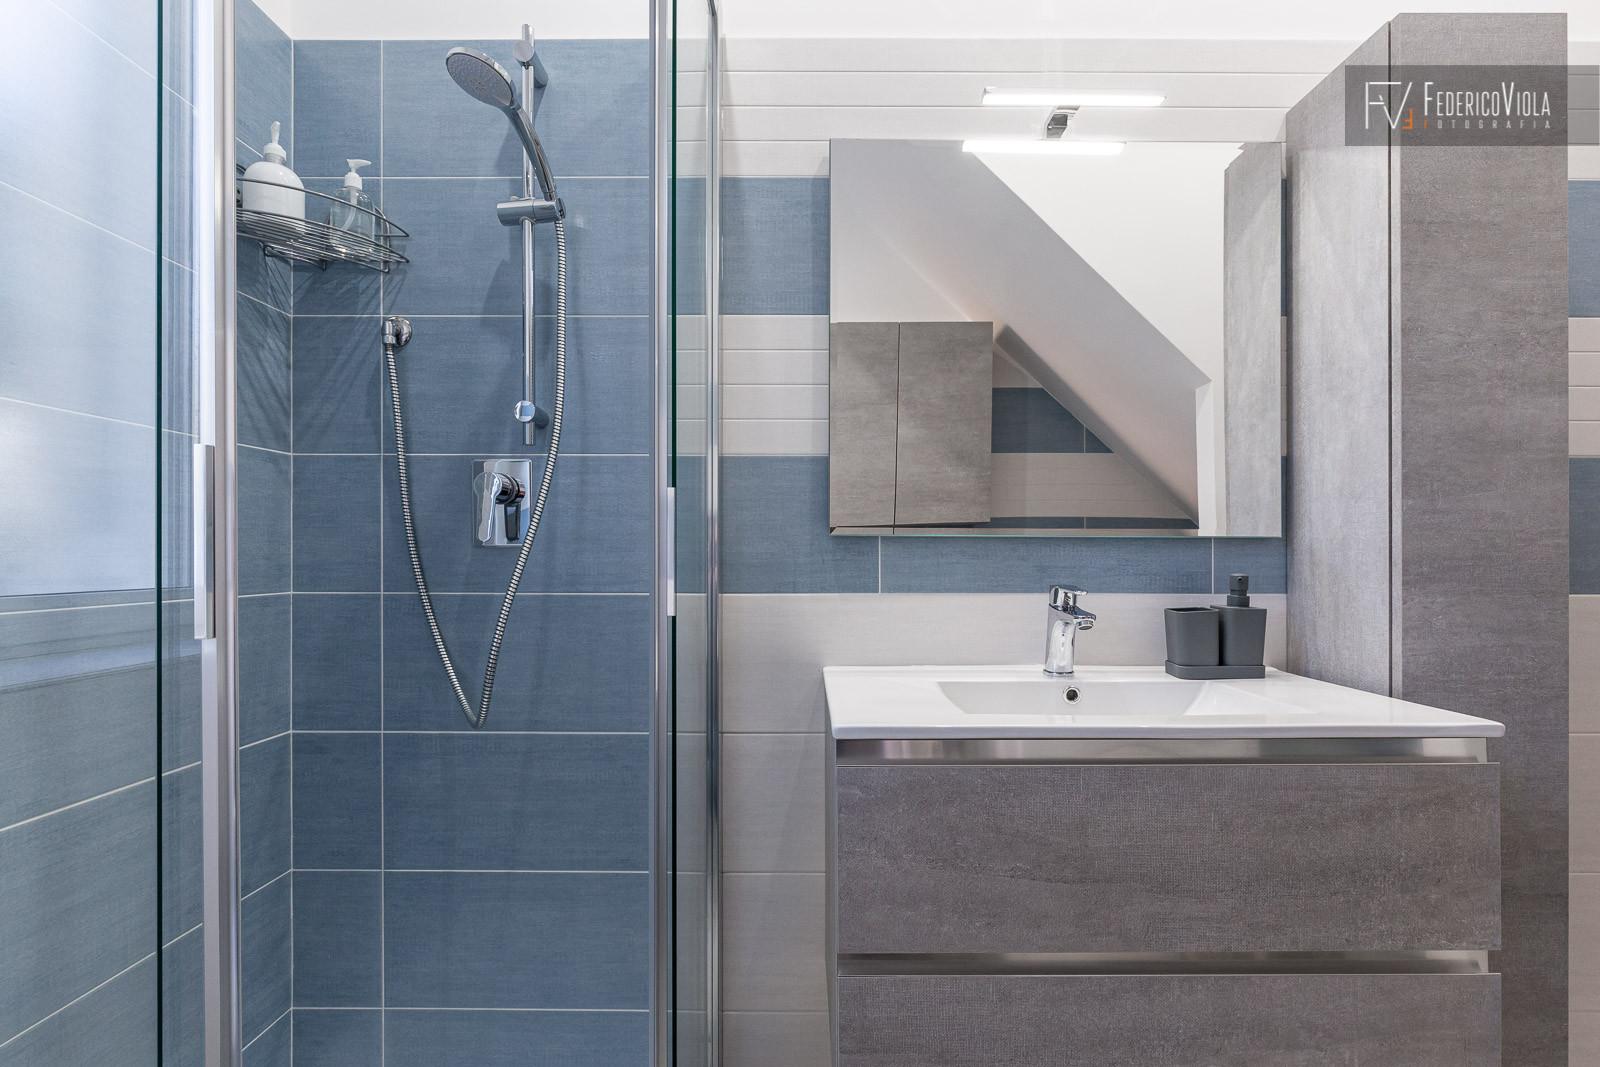 Foto-appartamento-mv-in-affitto-Gaeta-24